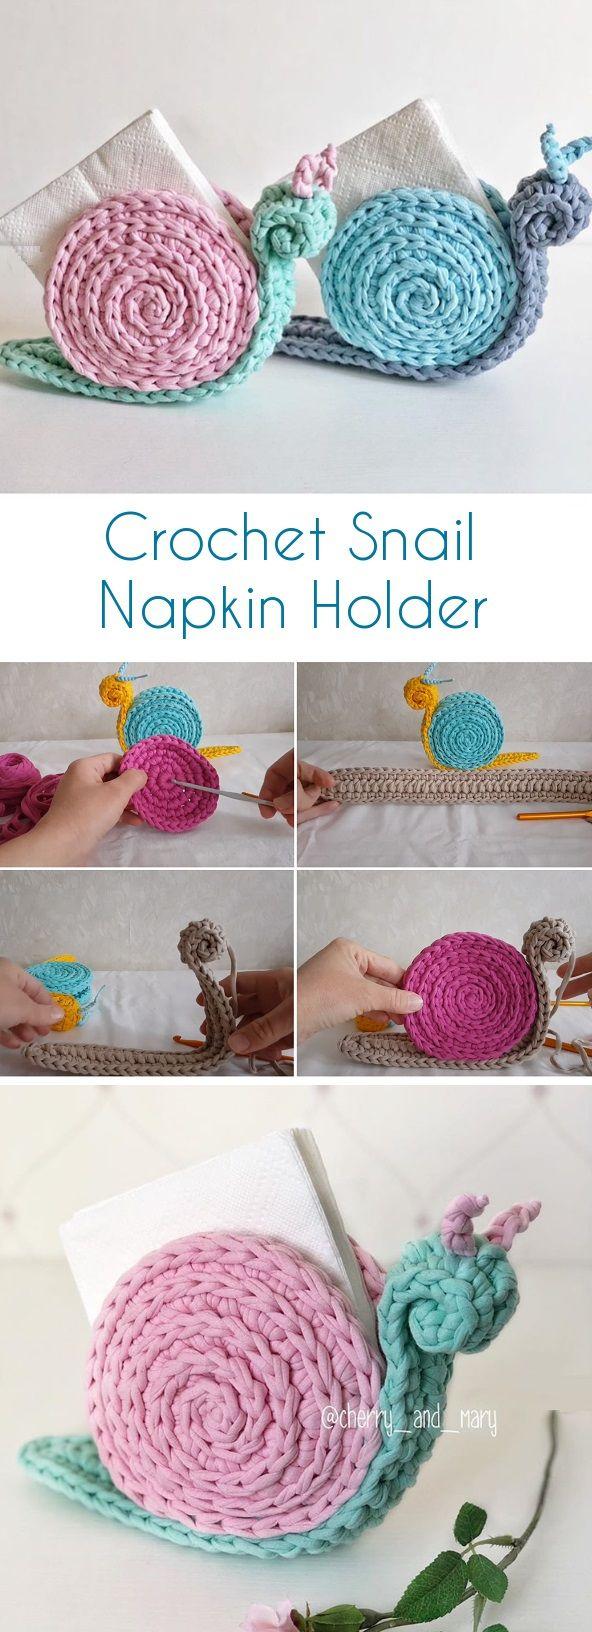 Crochet Snail Napkin Holder #diyyarnholder